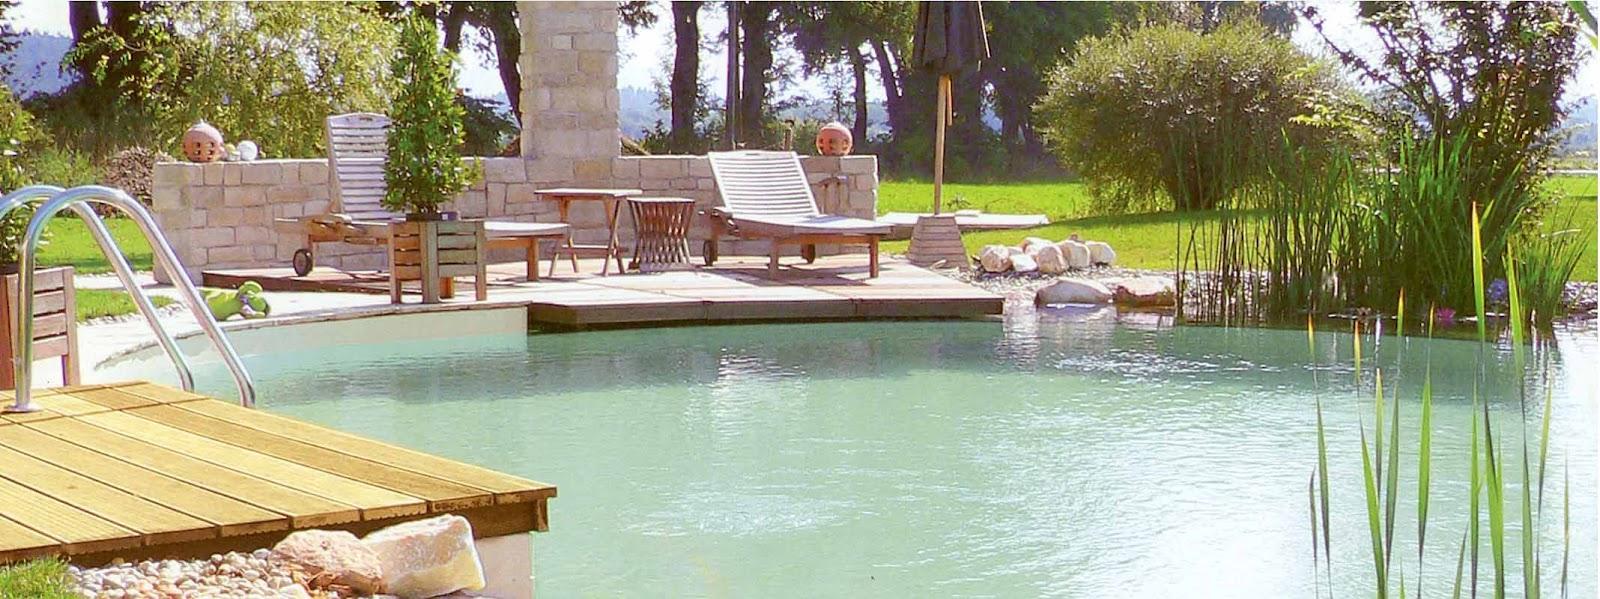 crea tu jard n piscinas naturales o lagos artificiales